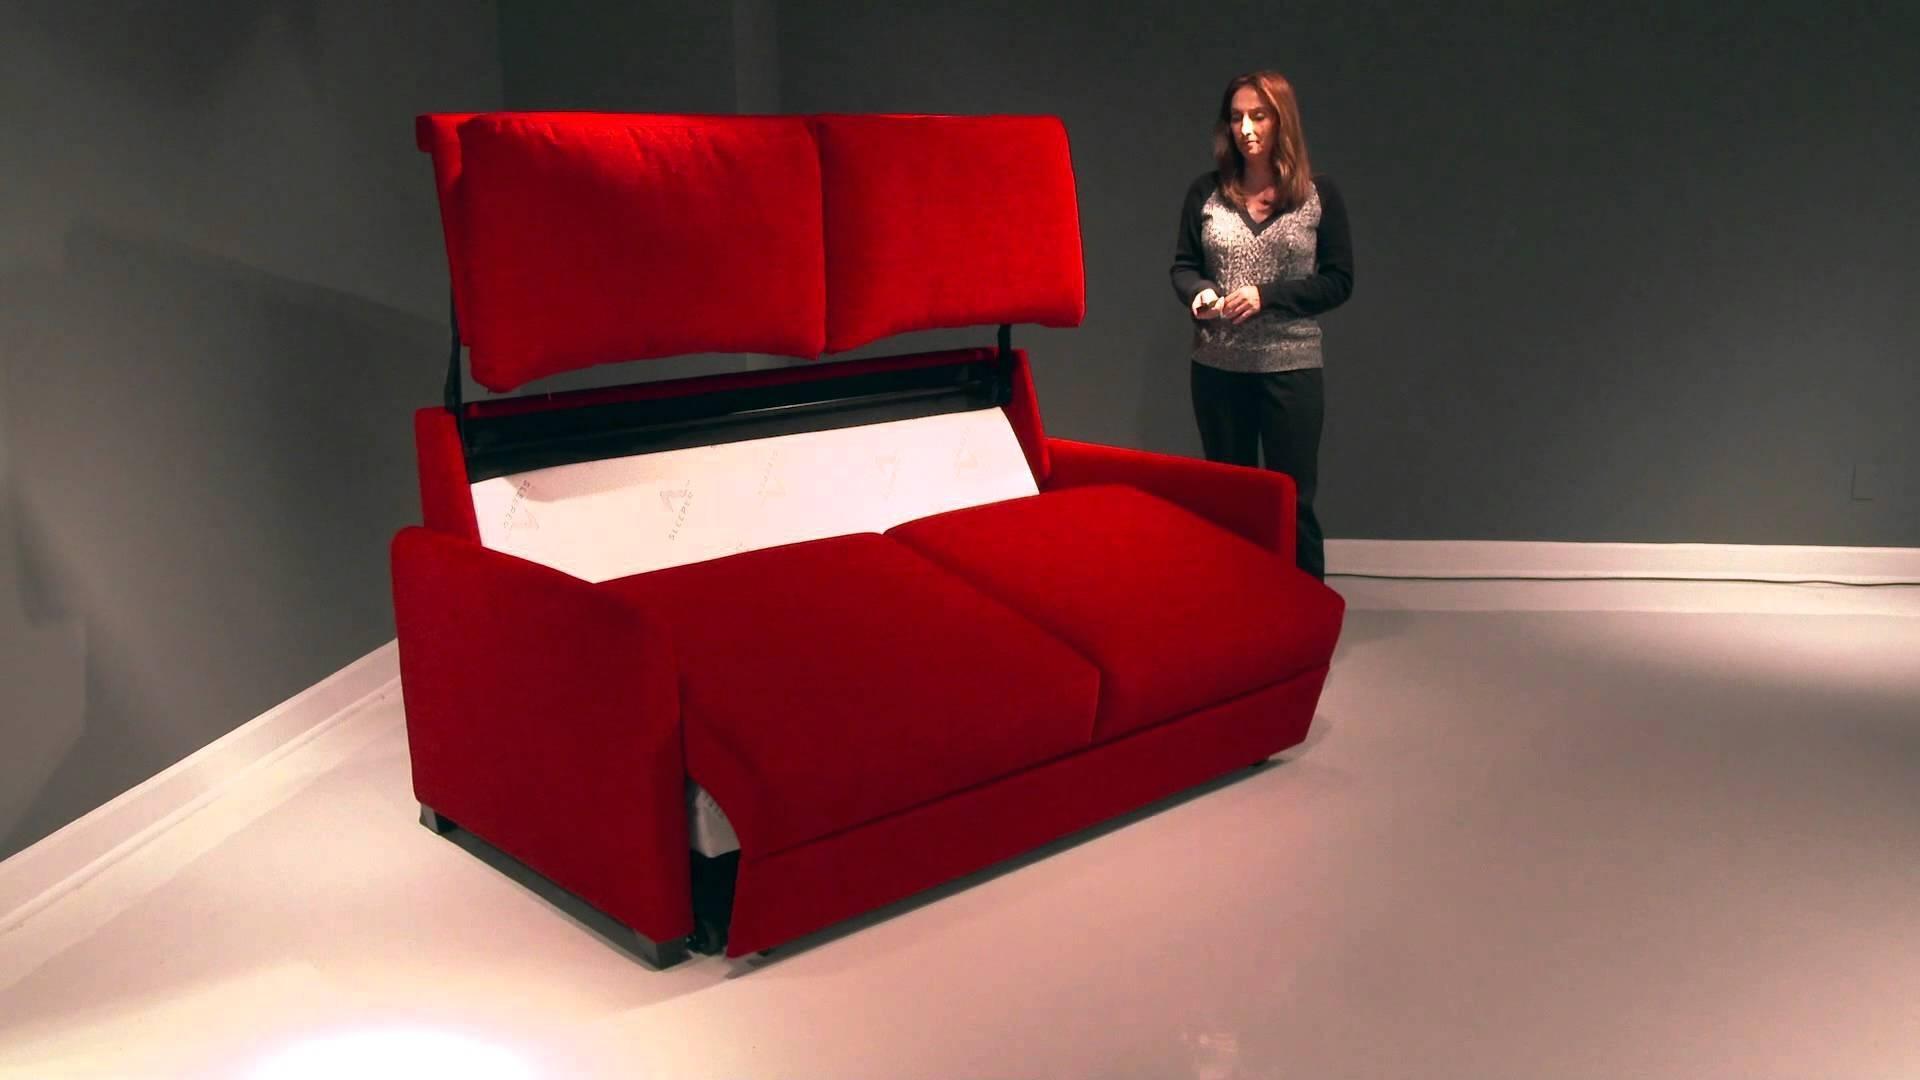 Paragon Power Sleeper Sofas San Diego - Youtube inside Sleeper Sofas San Diego (Image 14 of 25)